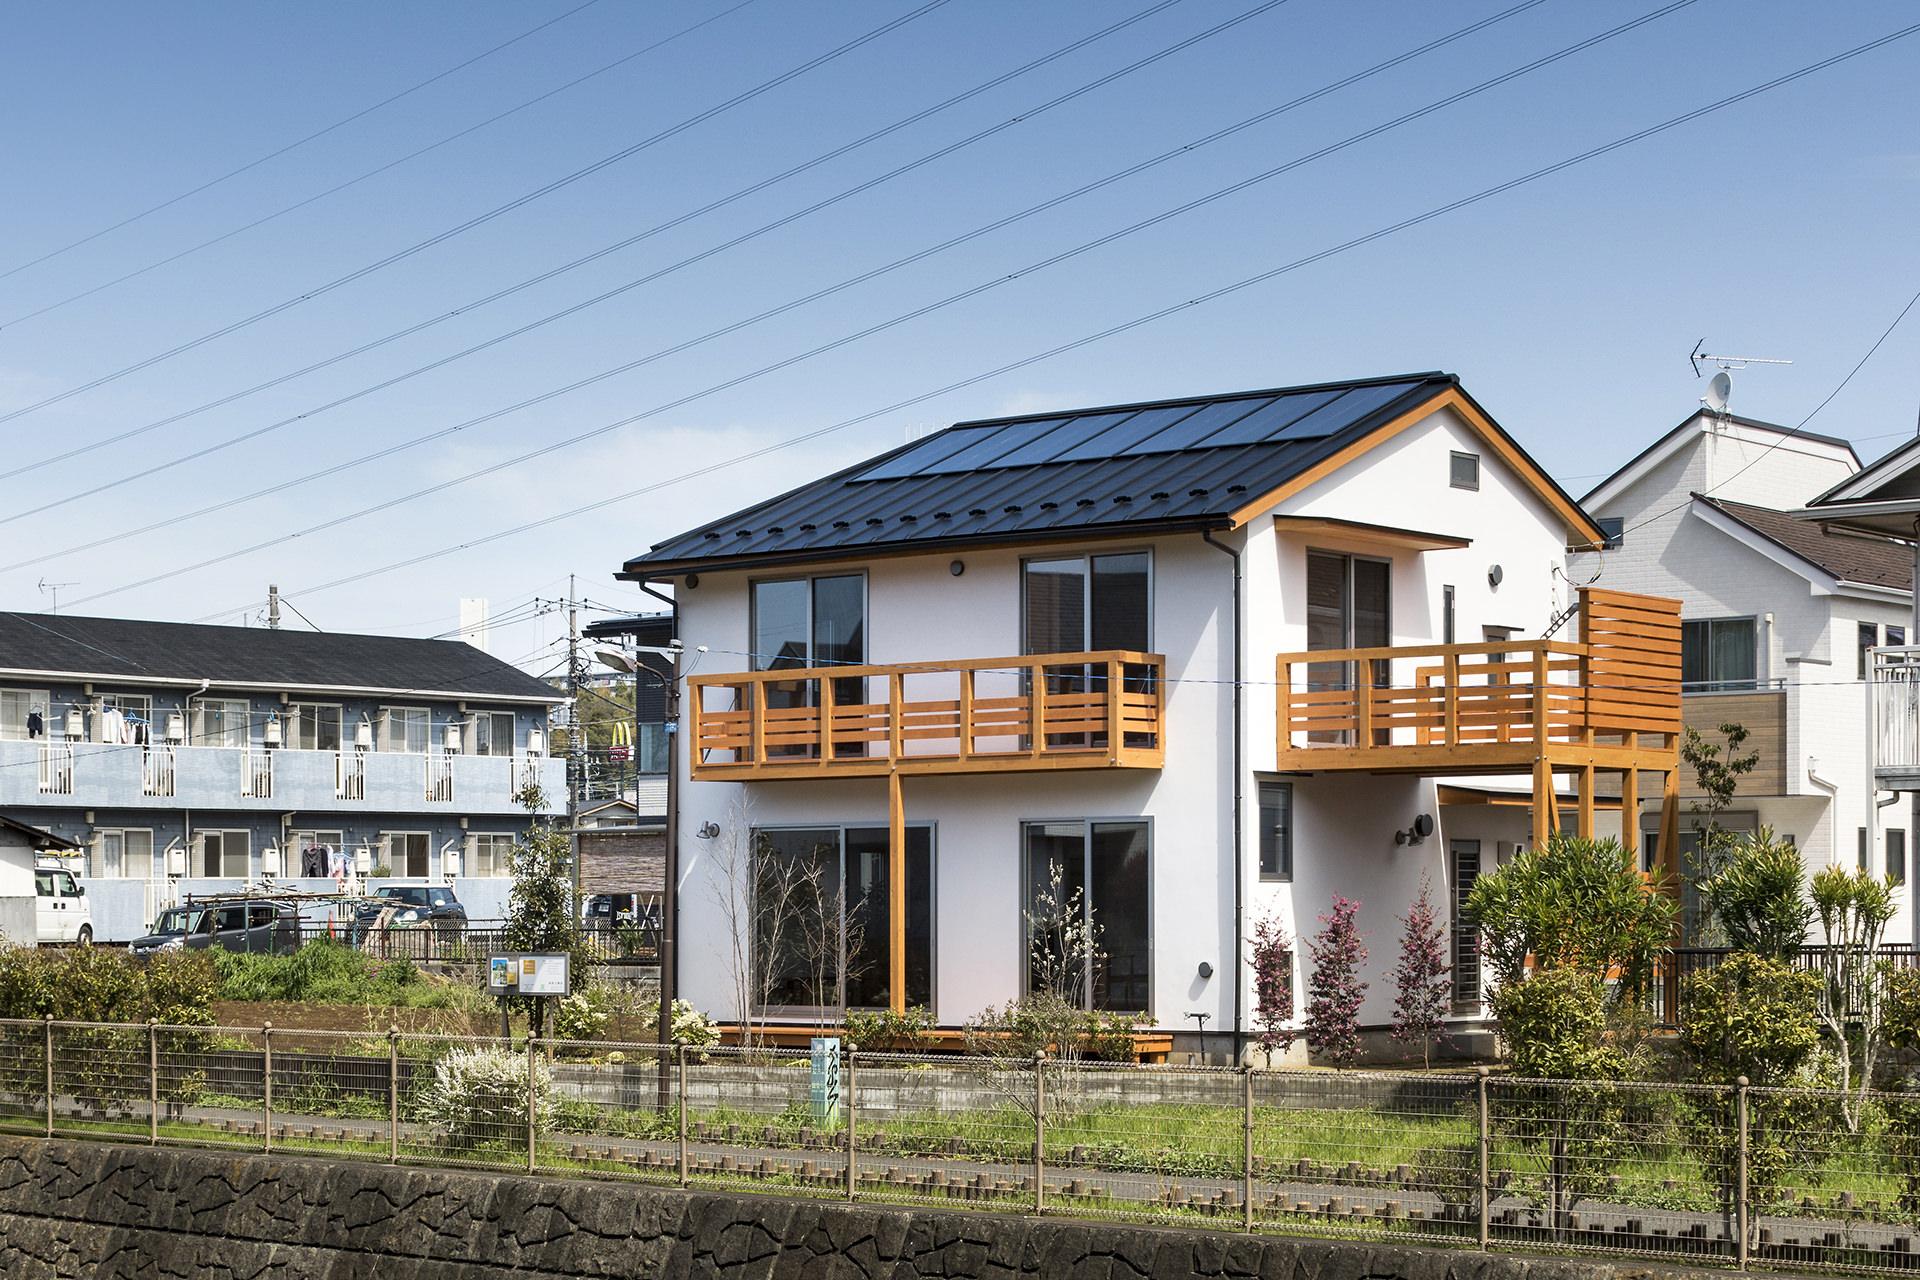 鶴川の家 Ⅳ イメージ1 撮影:東涌写真事務所・東涌宏和